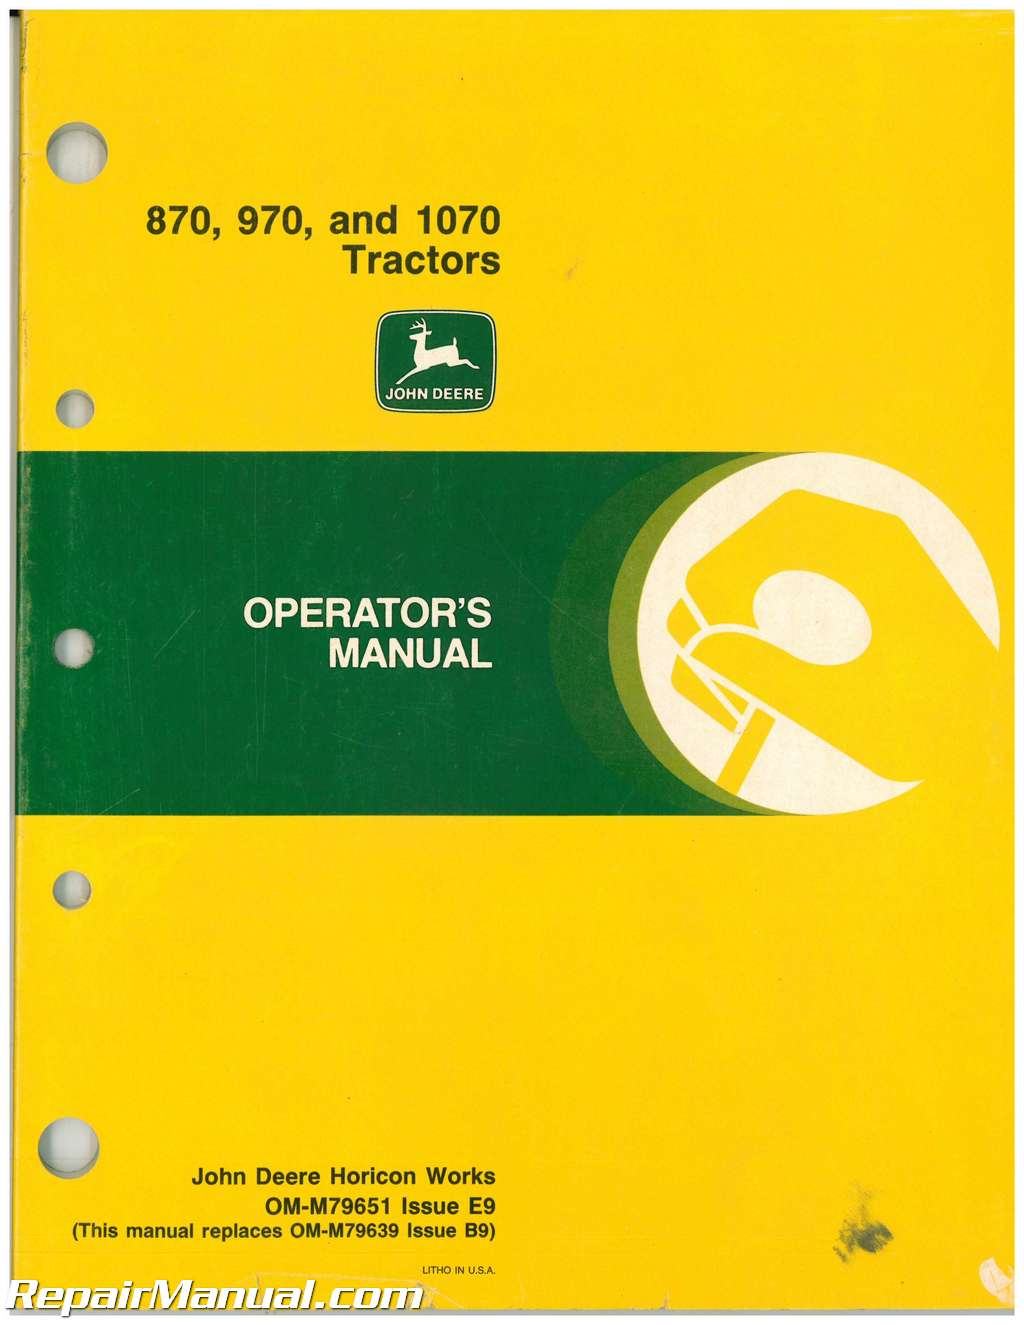 used john deere 870 970 and 1070 tractors operators manual rh repairmanual com john deere 1070 parts manual john deere 1070 manual pdf